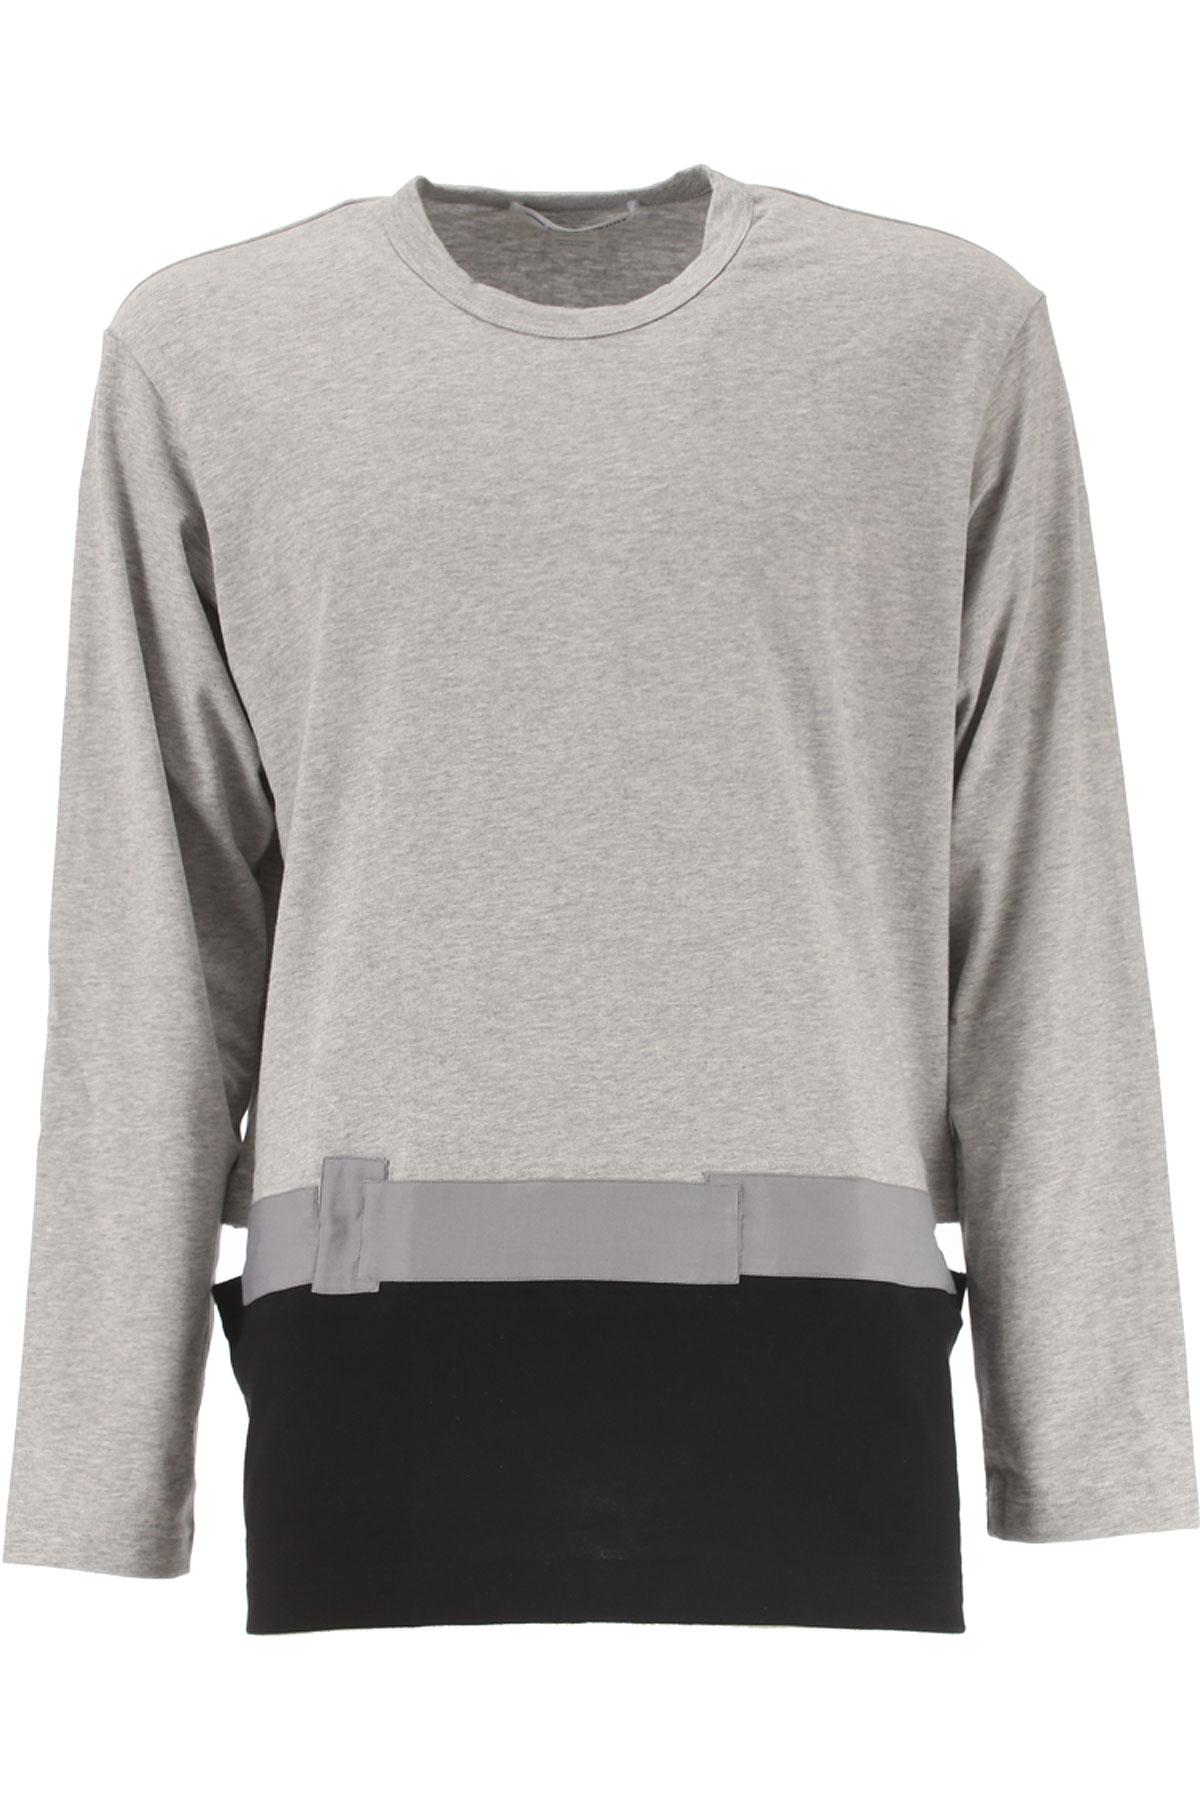 Comme des Garcons T-Shirt for Men On Sale, Grey, Cotton, 2017, M S USA-372955